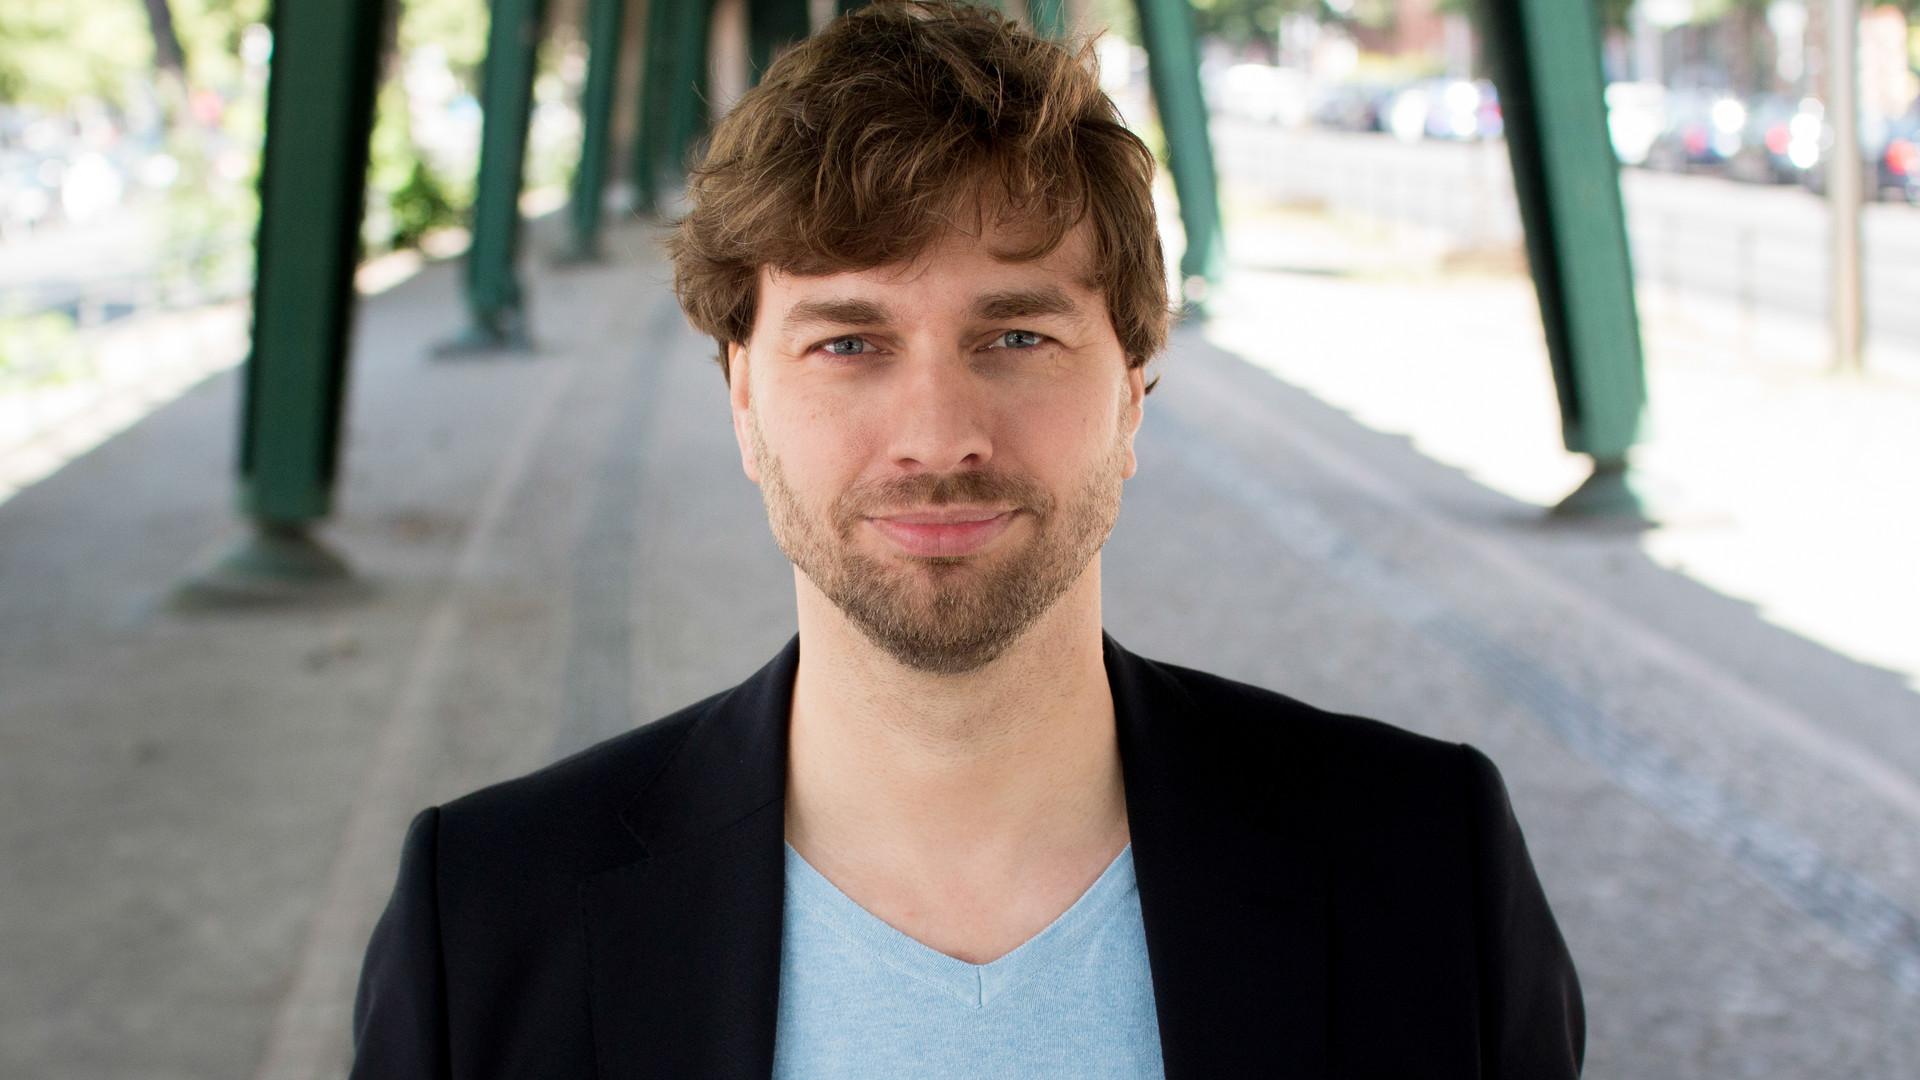 Pressefoto 01 - Stefan Gelbhaar - c Marco Fechner